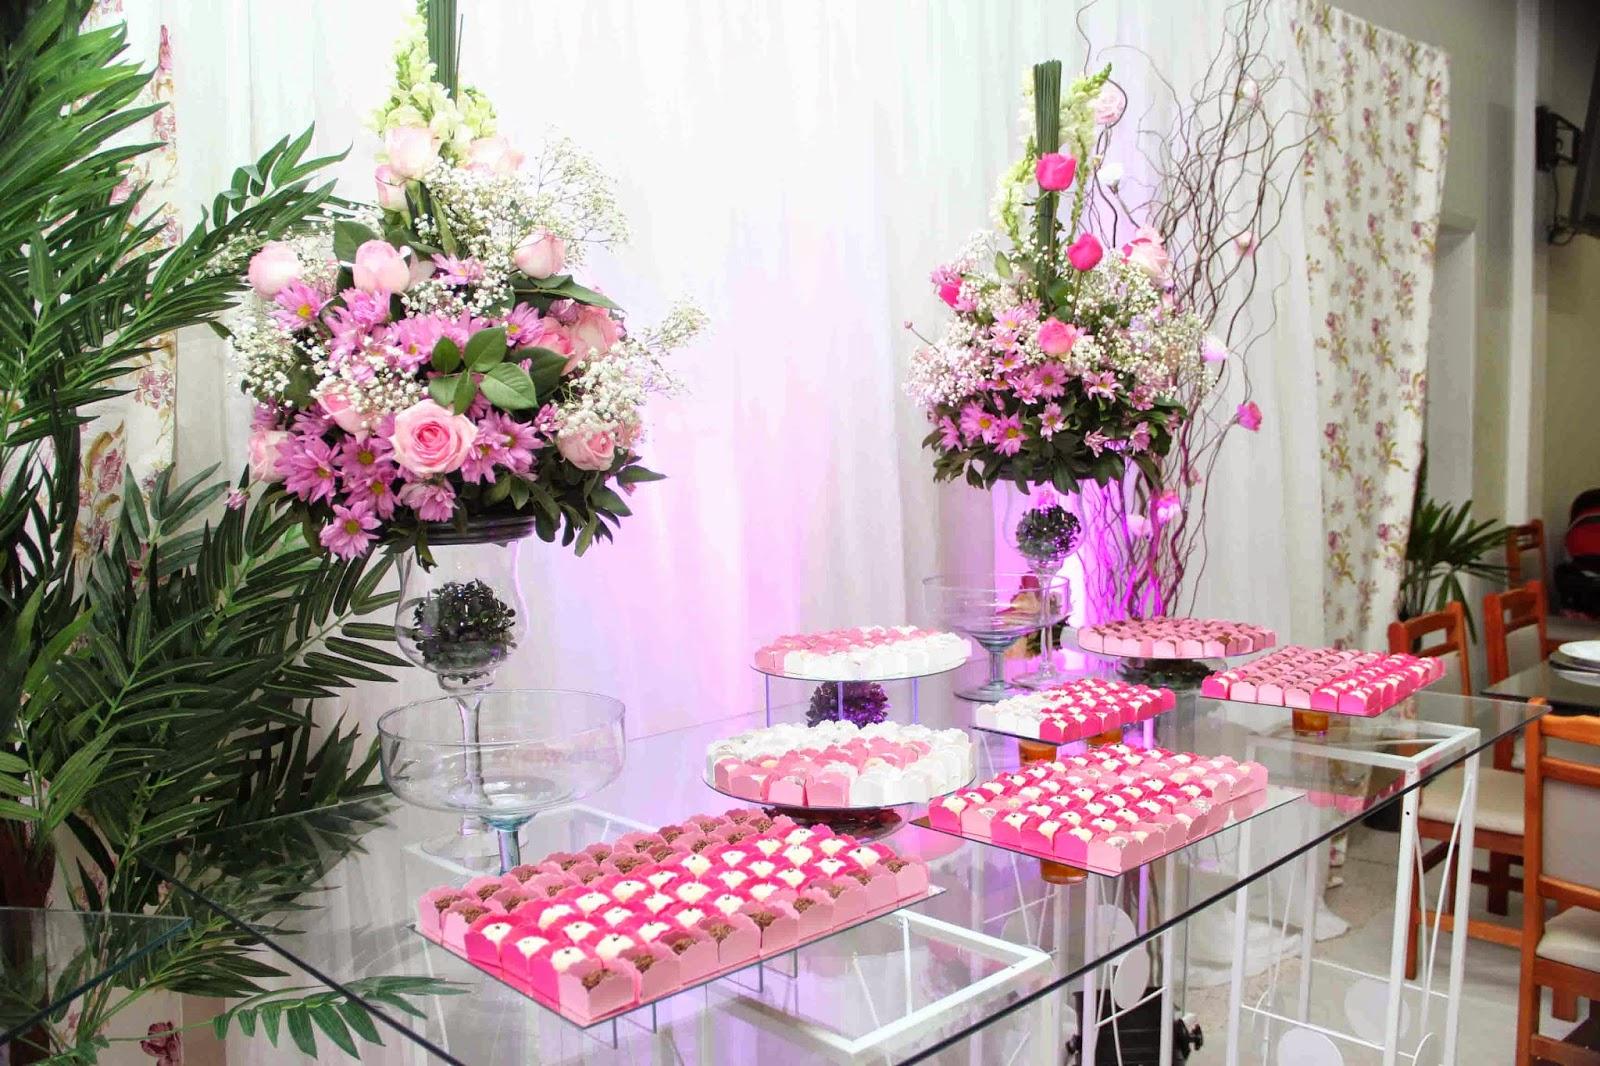 decoração de eventos eventos joinville decoração para eventos